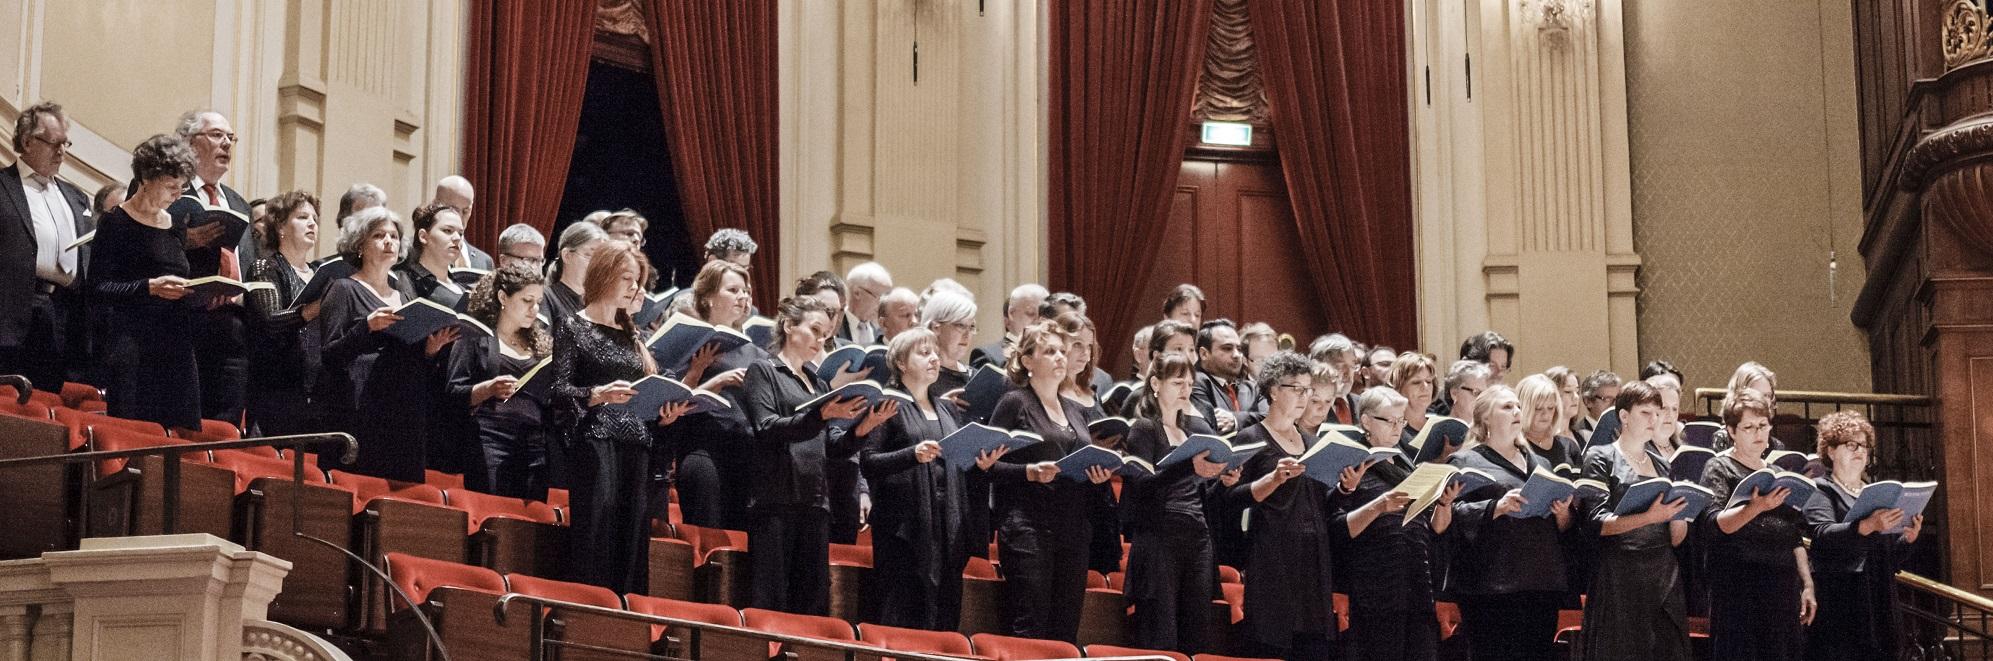 Groot Omroepkoor in Het Concertgebouw (2015) (foto: Hans van der Woerd)